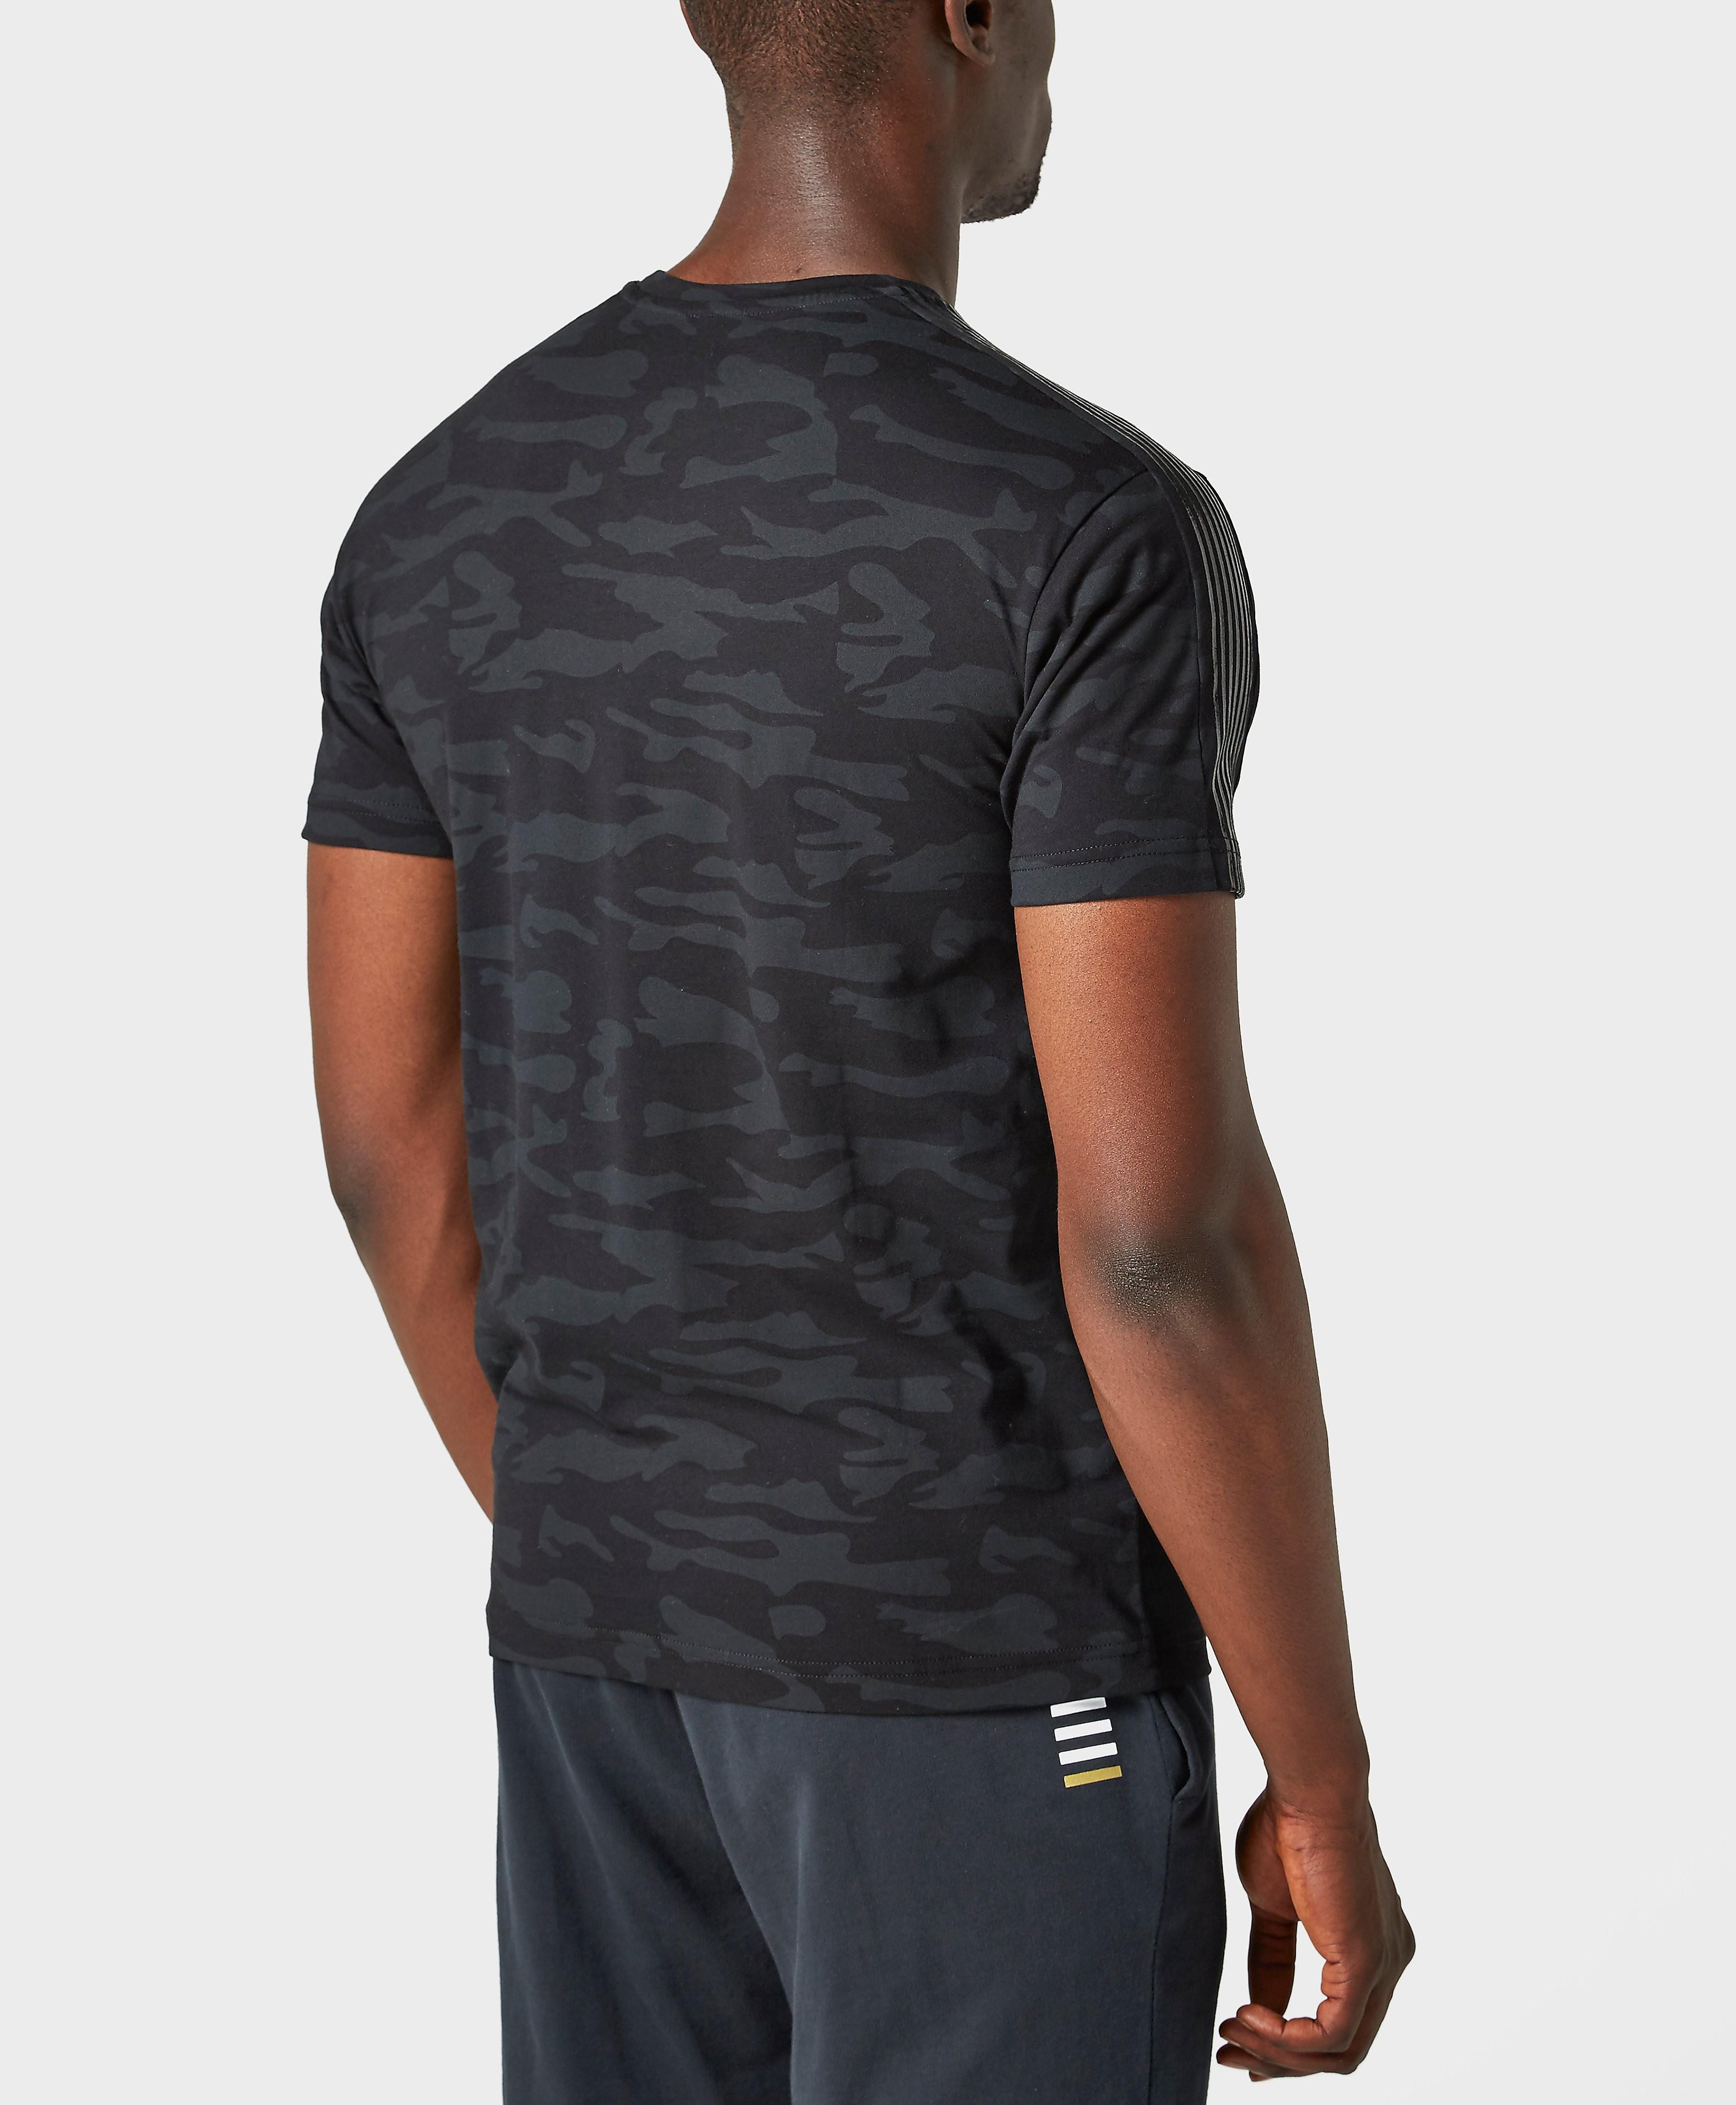 Emporio Armani EA7 Camo Crew Neck T-Shirt